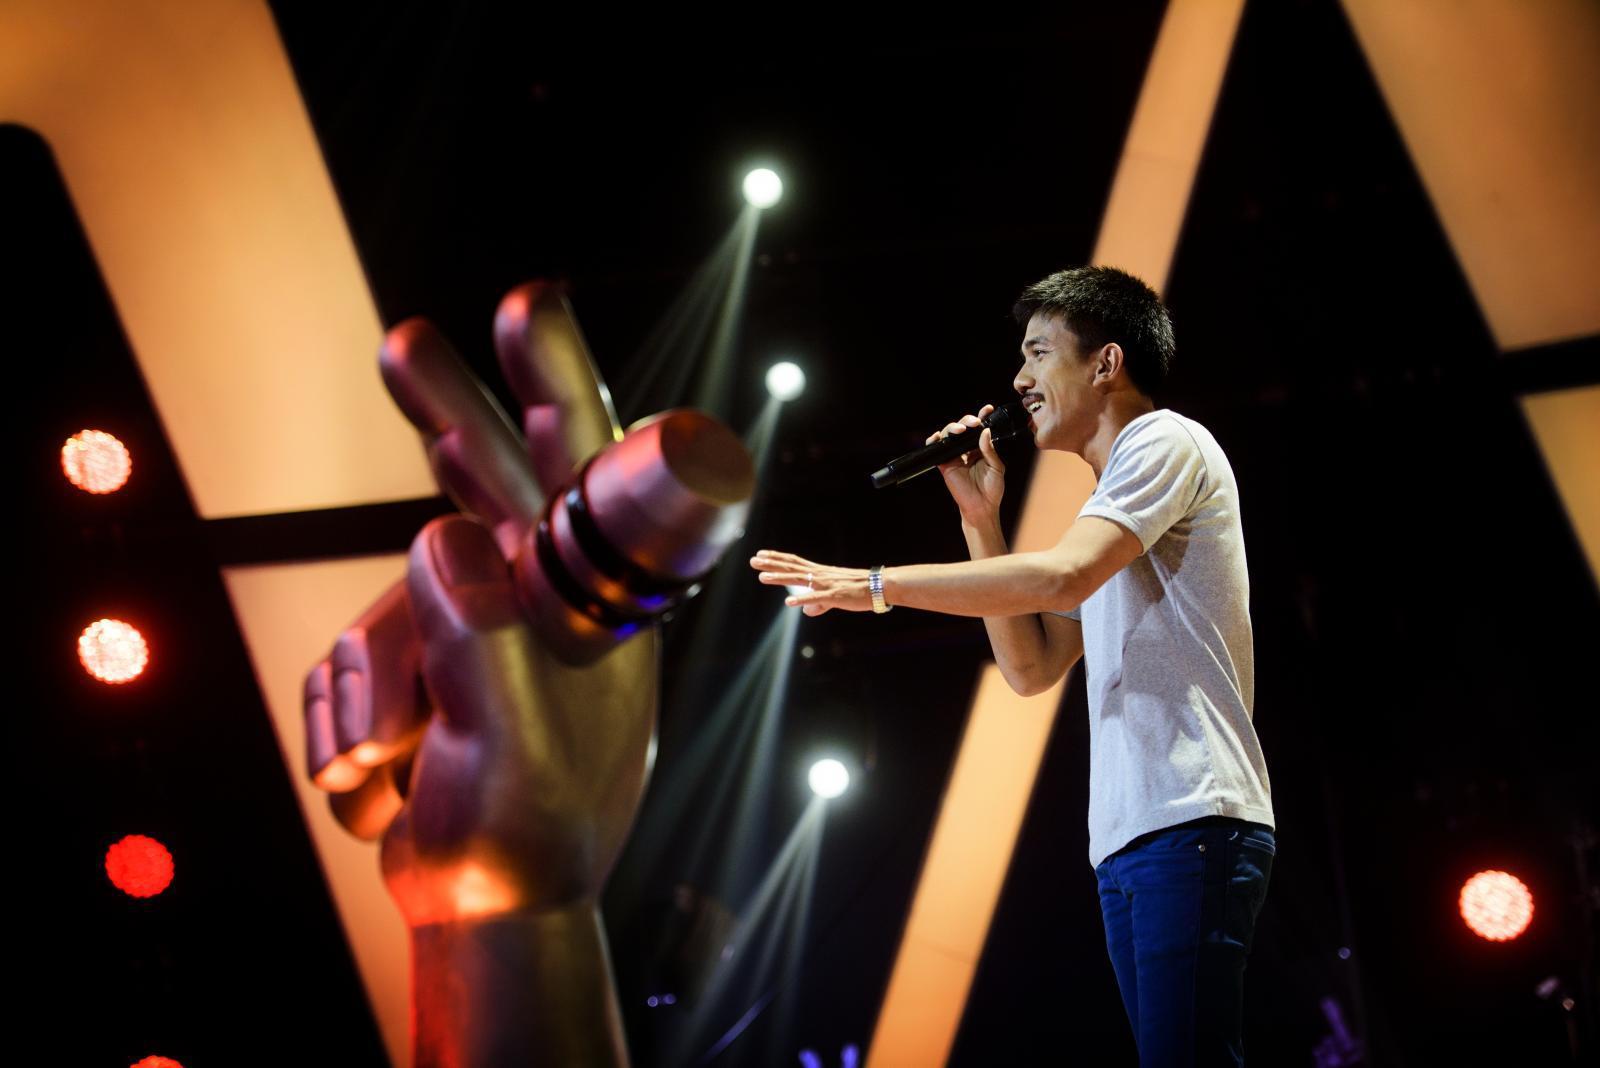 """เปิดประวัตินักร้องเสียงจริงที่ชนะใจ 4 โค้ชในสัปดาห์ที่สาม """"The Voice 2018"""""""